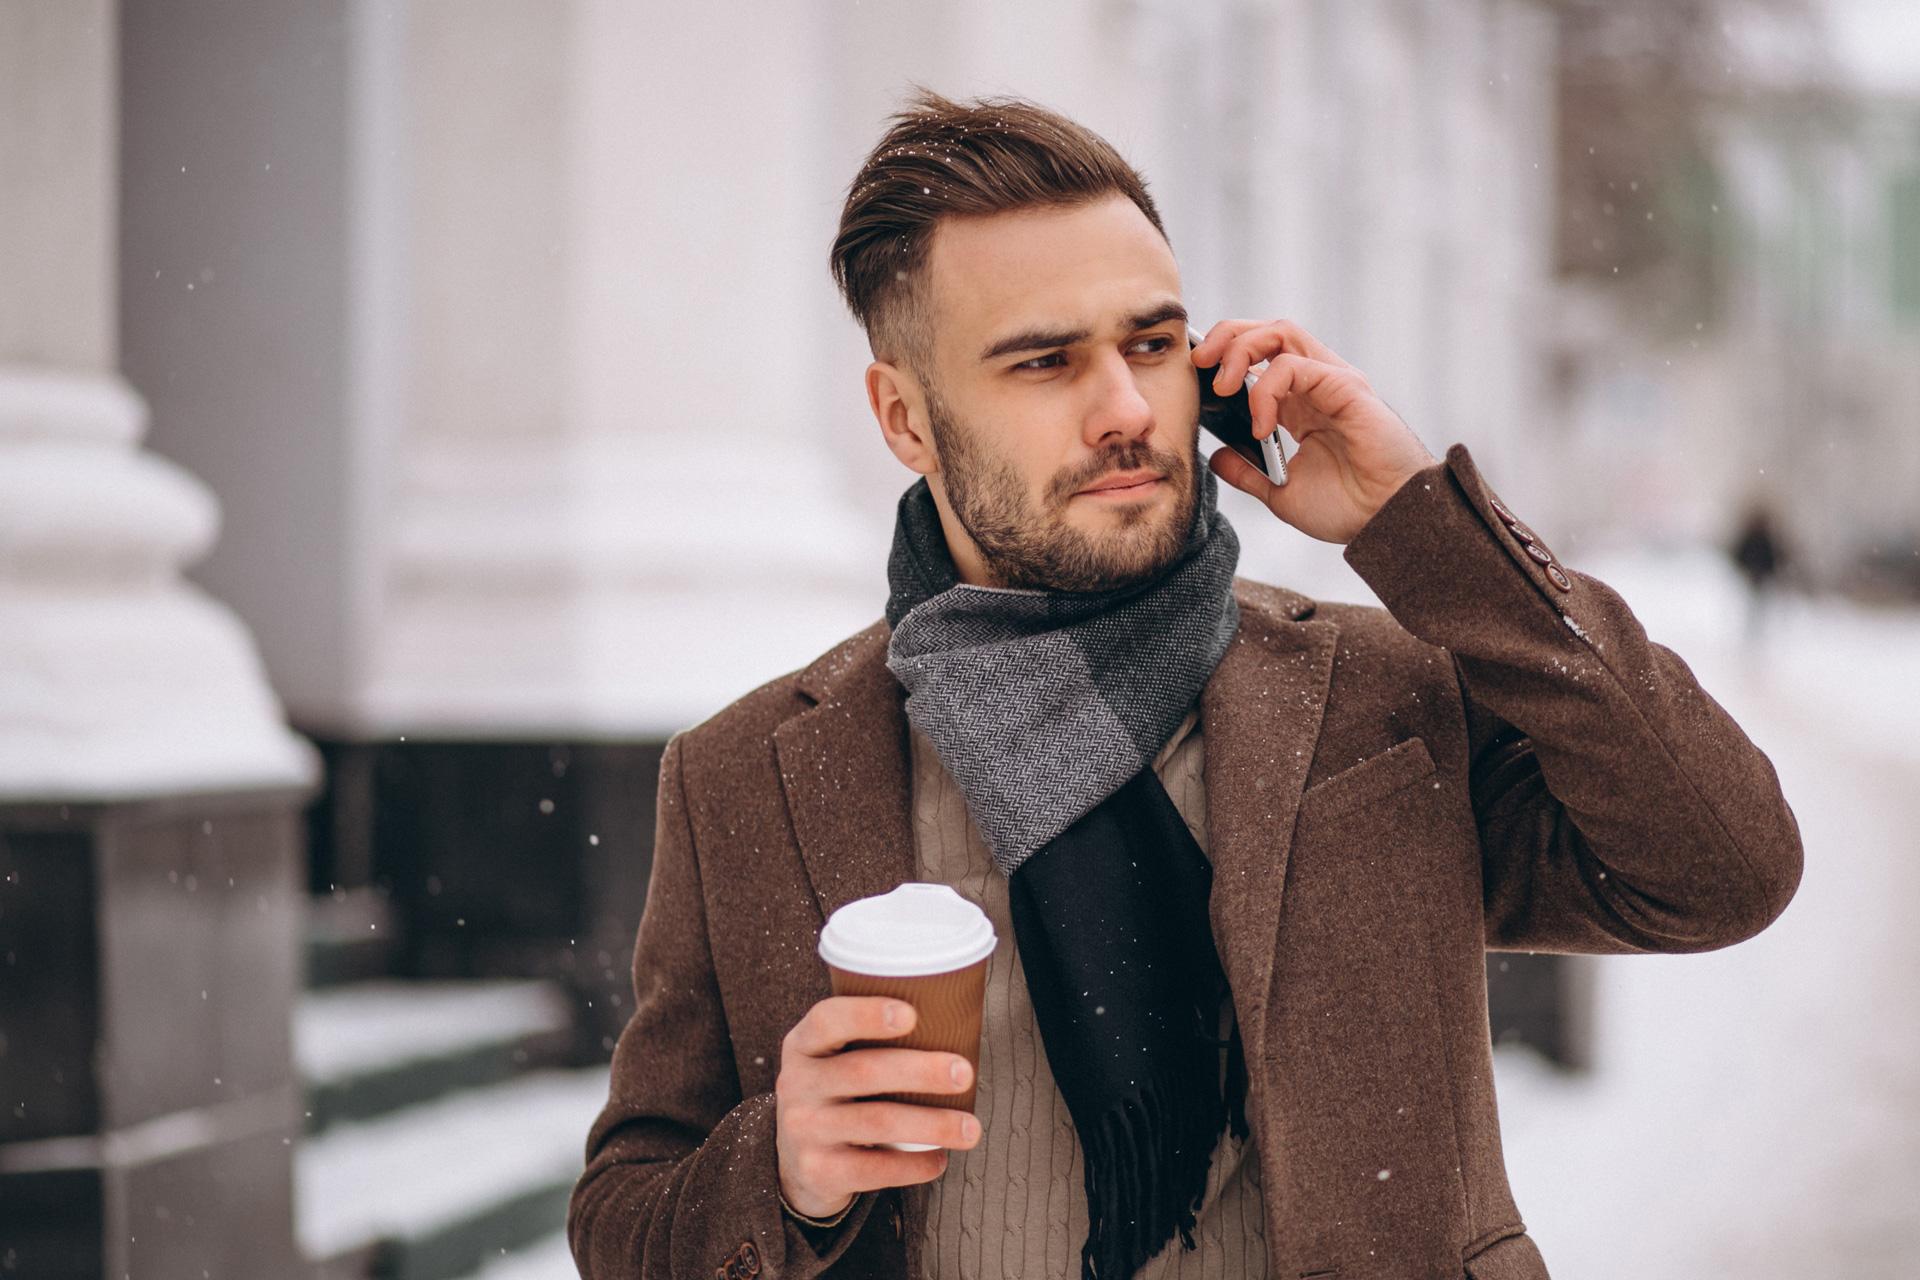 Come indossare sciarpa uomo